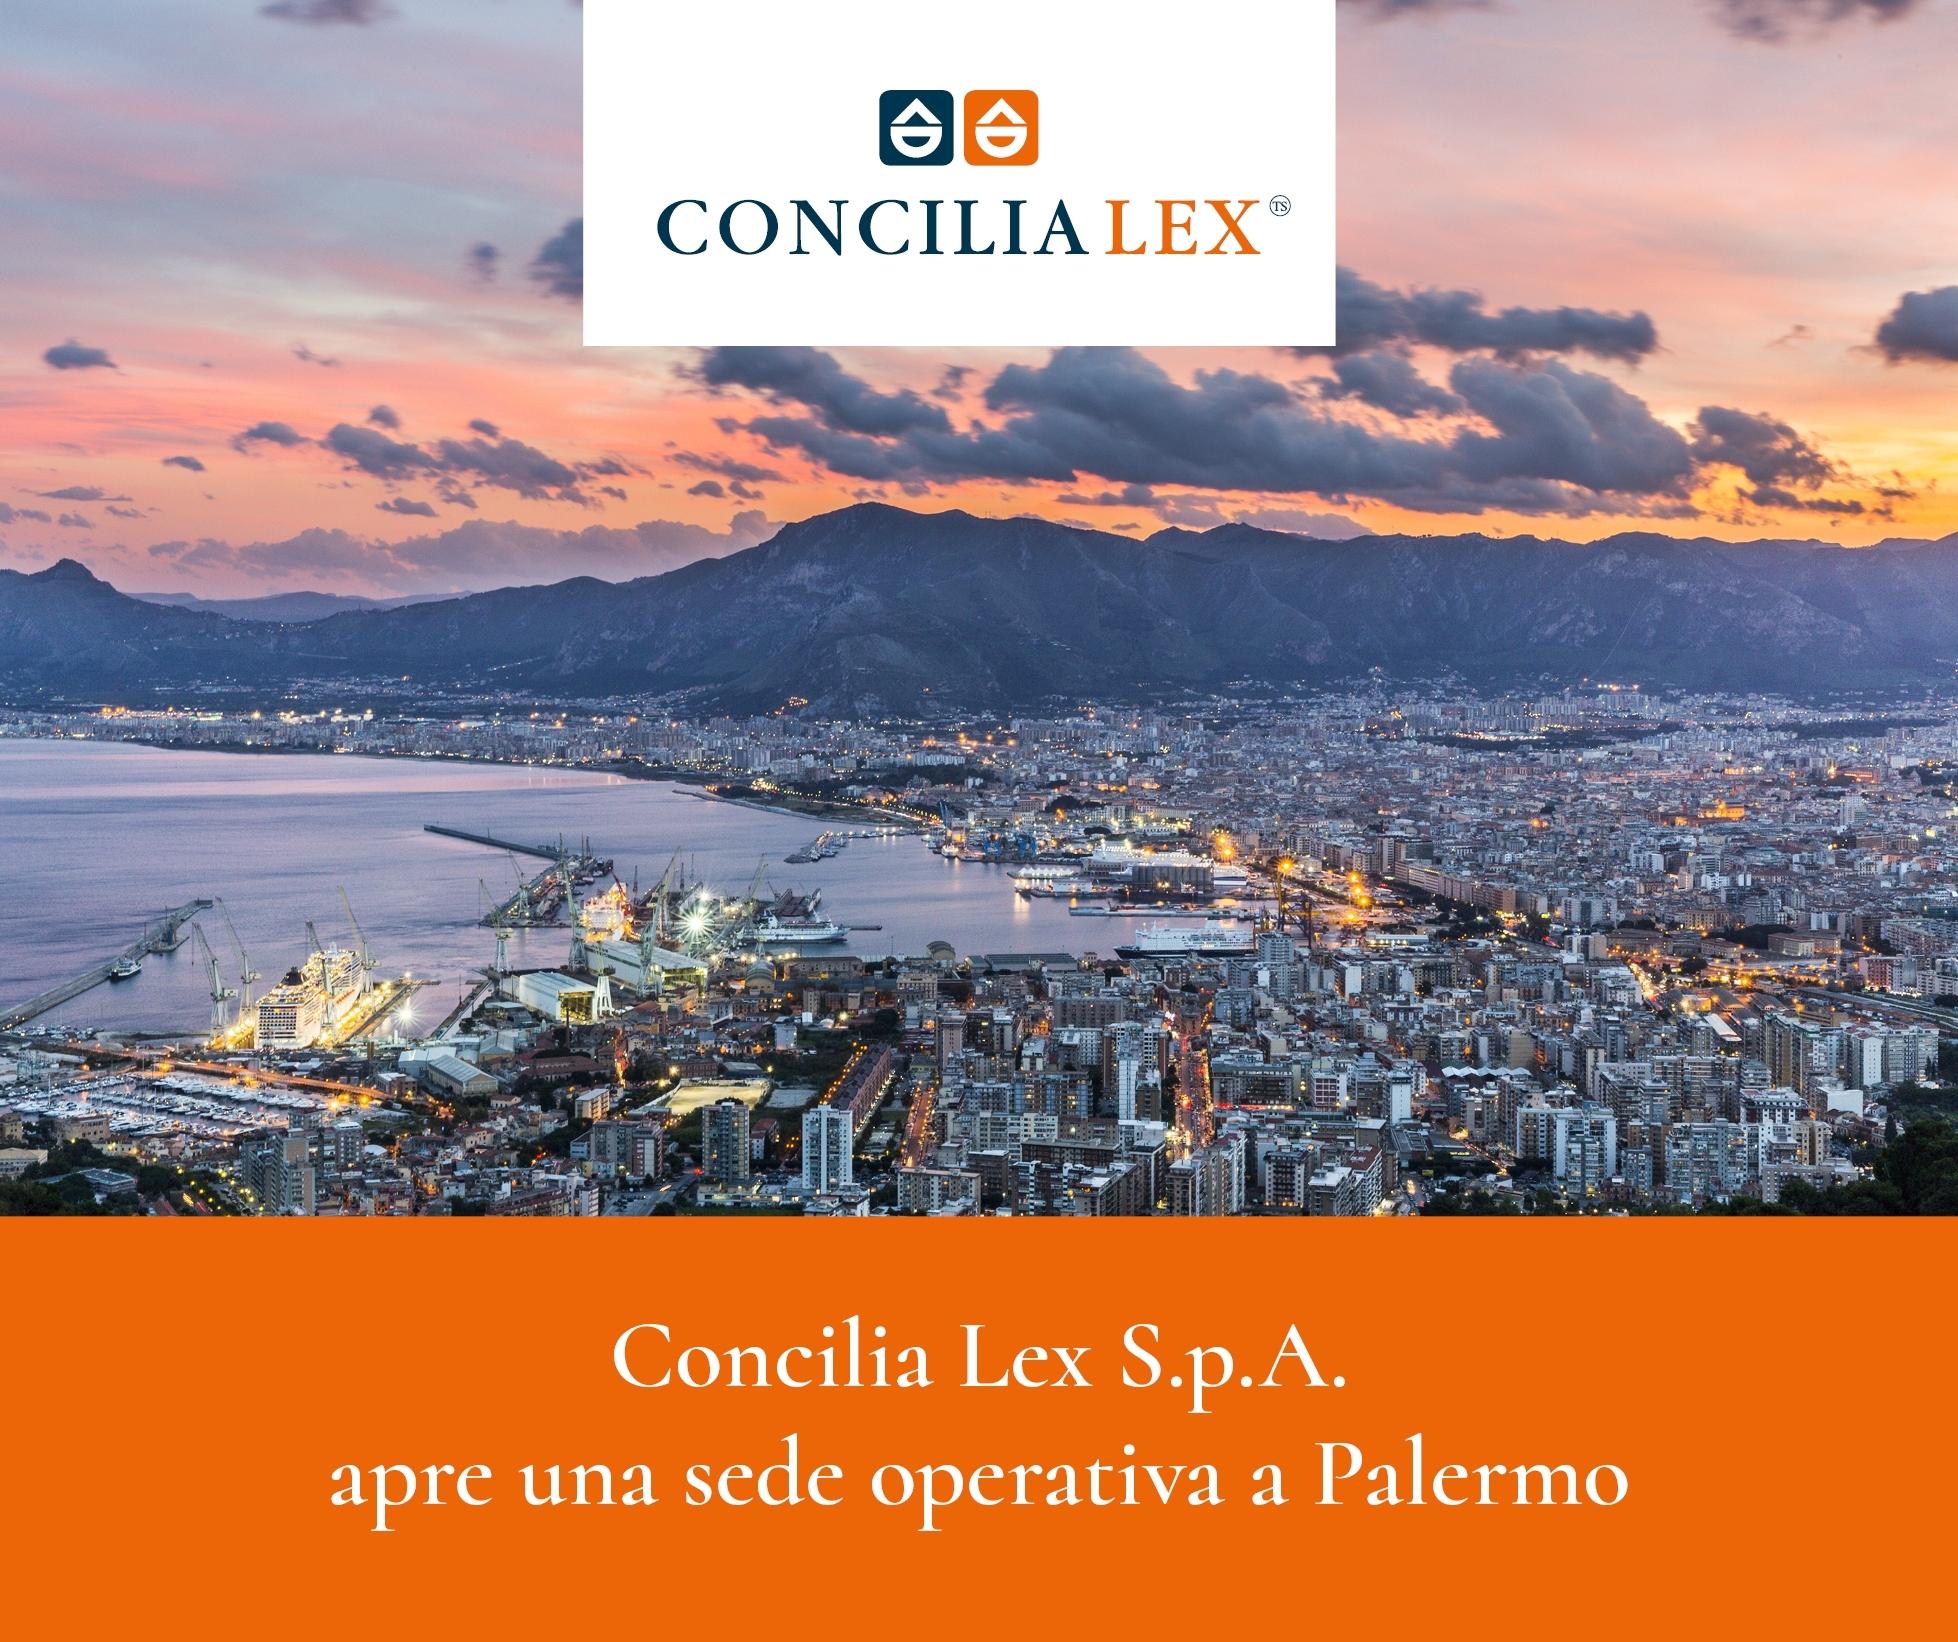 Concilia Lex S.p.A. apre una sede operativa di mediazione a Palermo